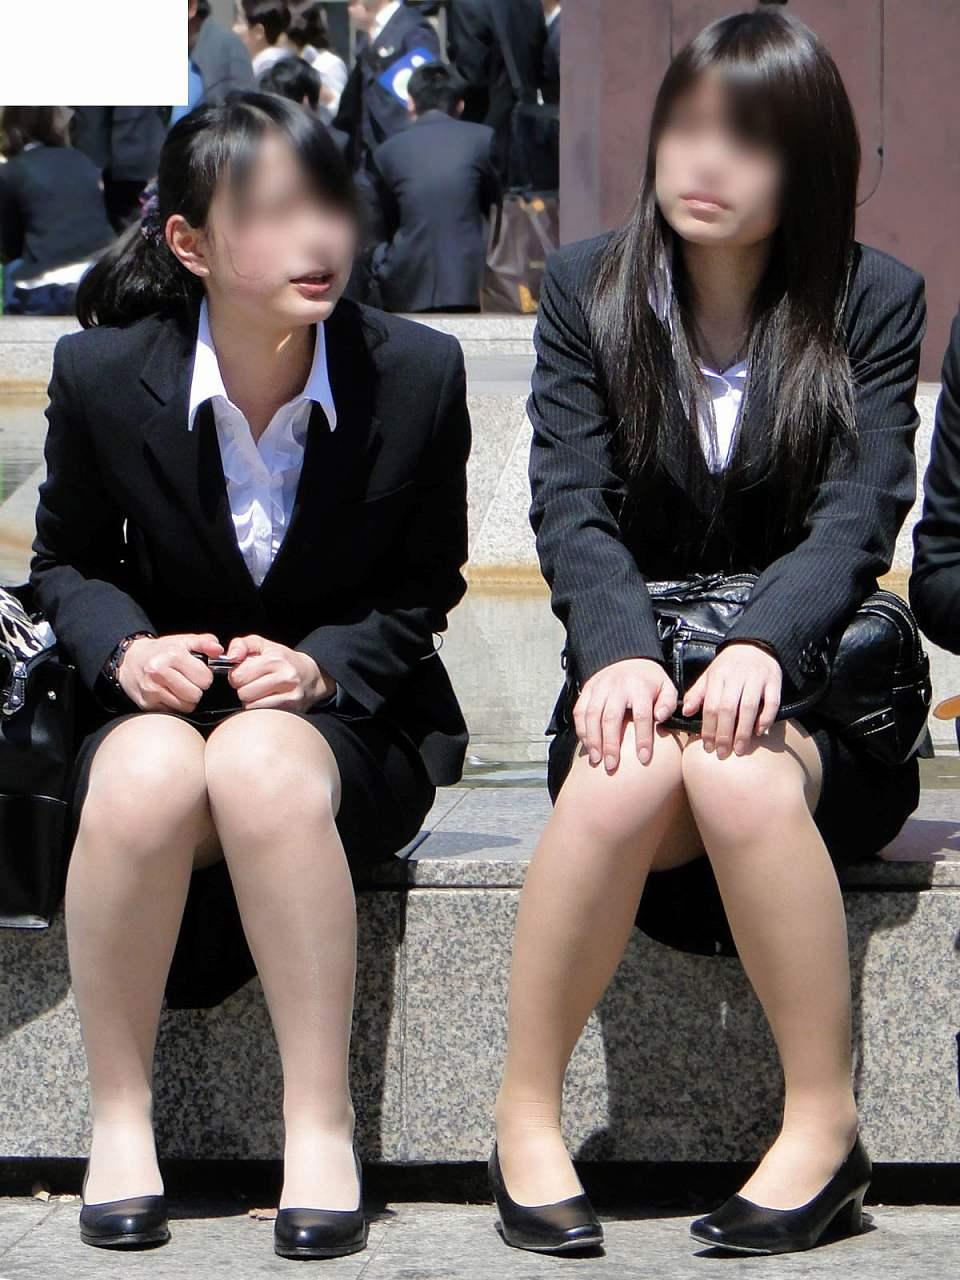 お昼休みの休憩中に座ってるOLのスーツからチラ見えするパンチラ街撮りエロ画像 937